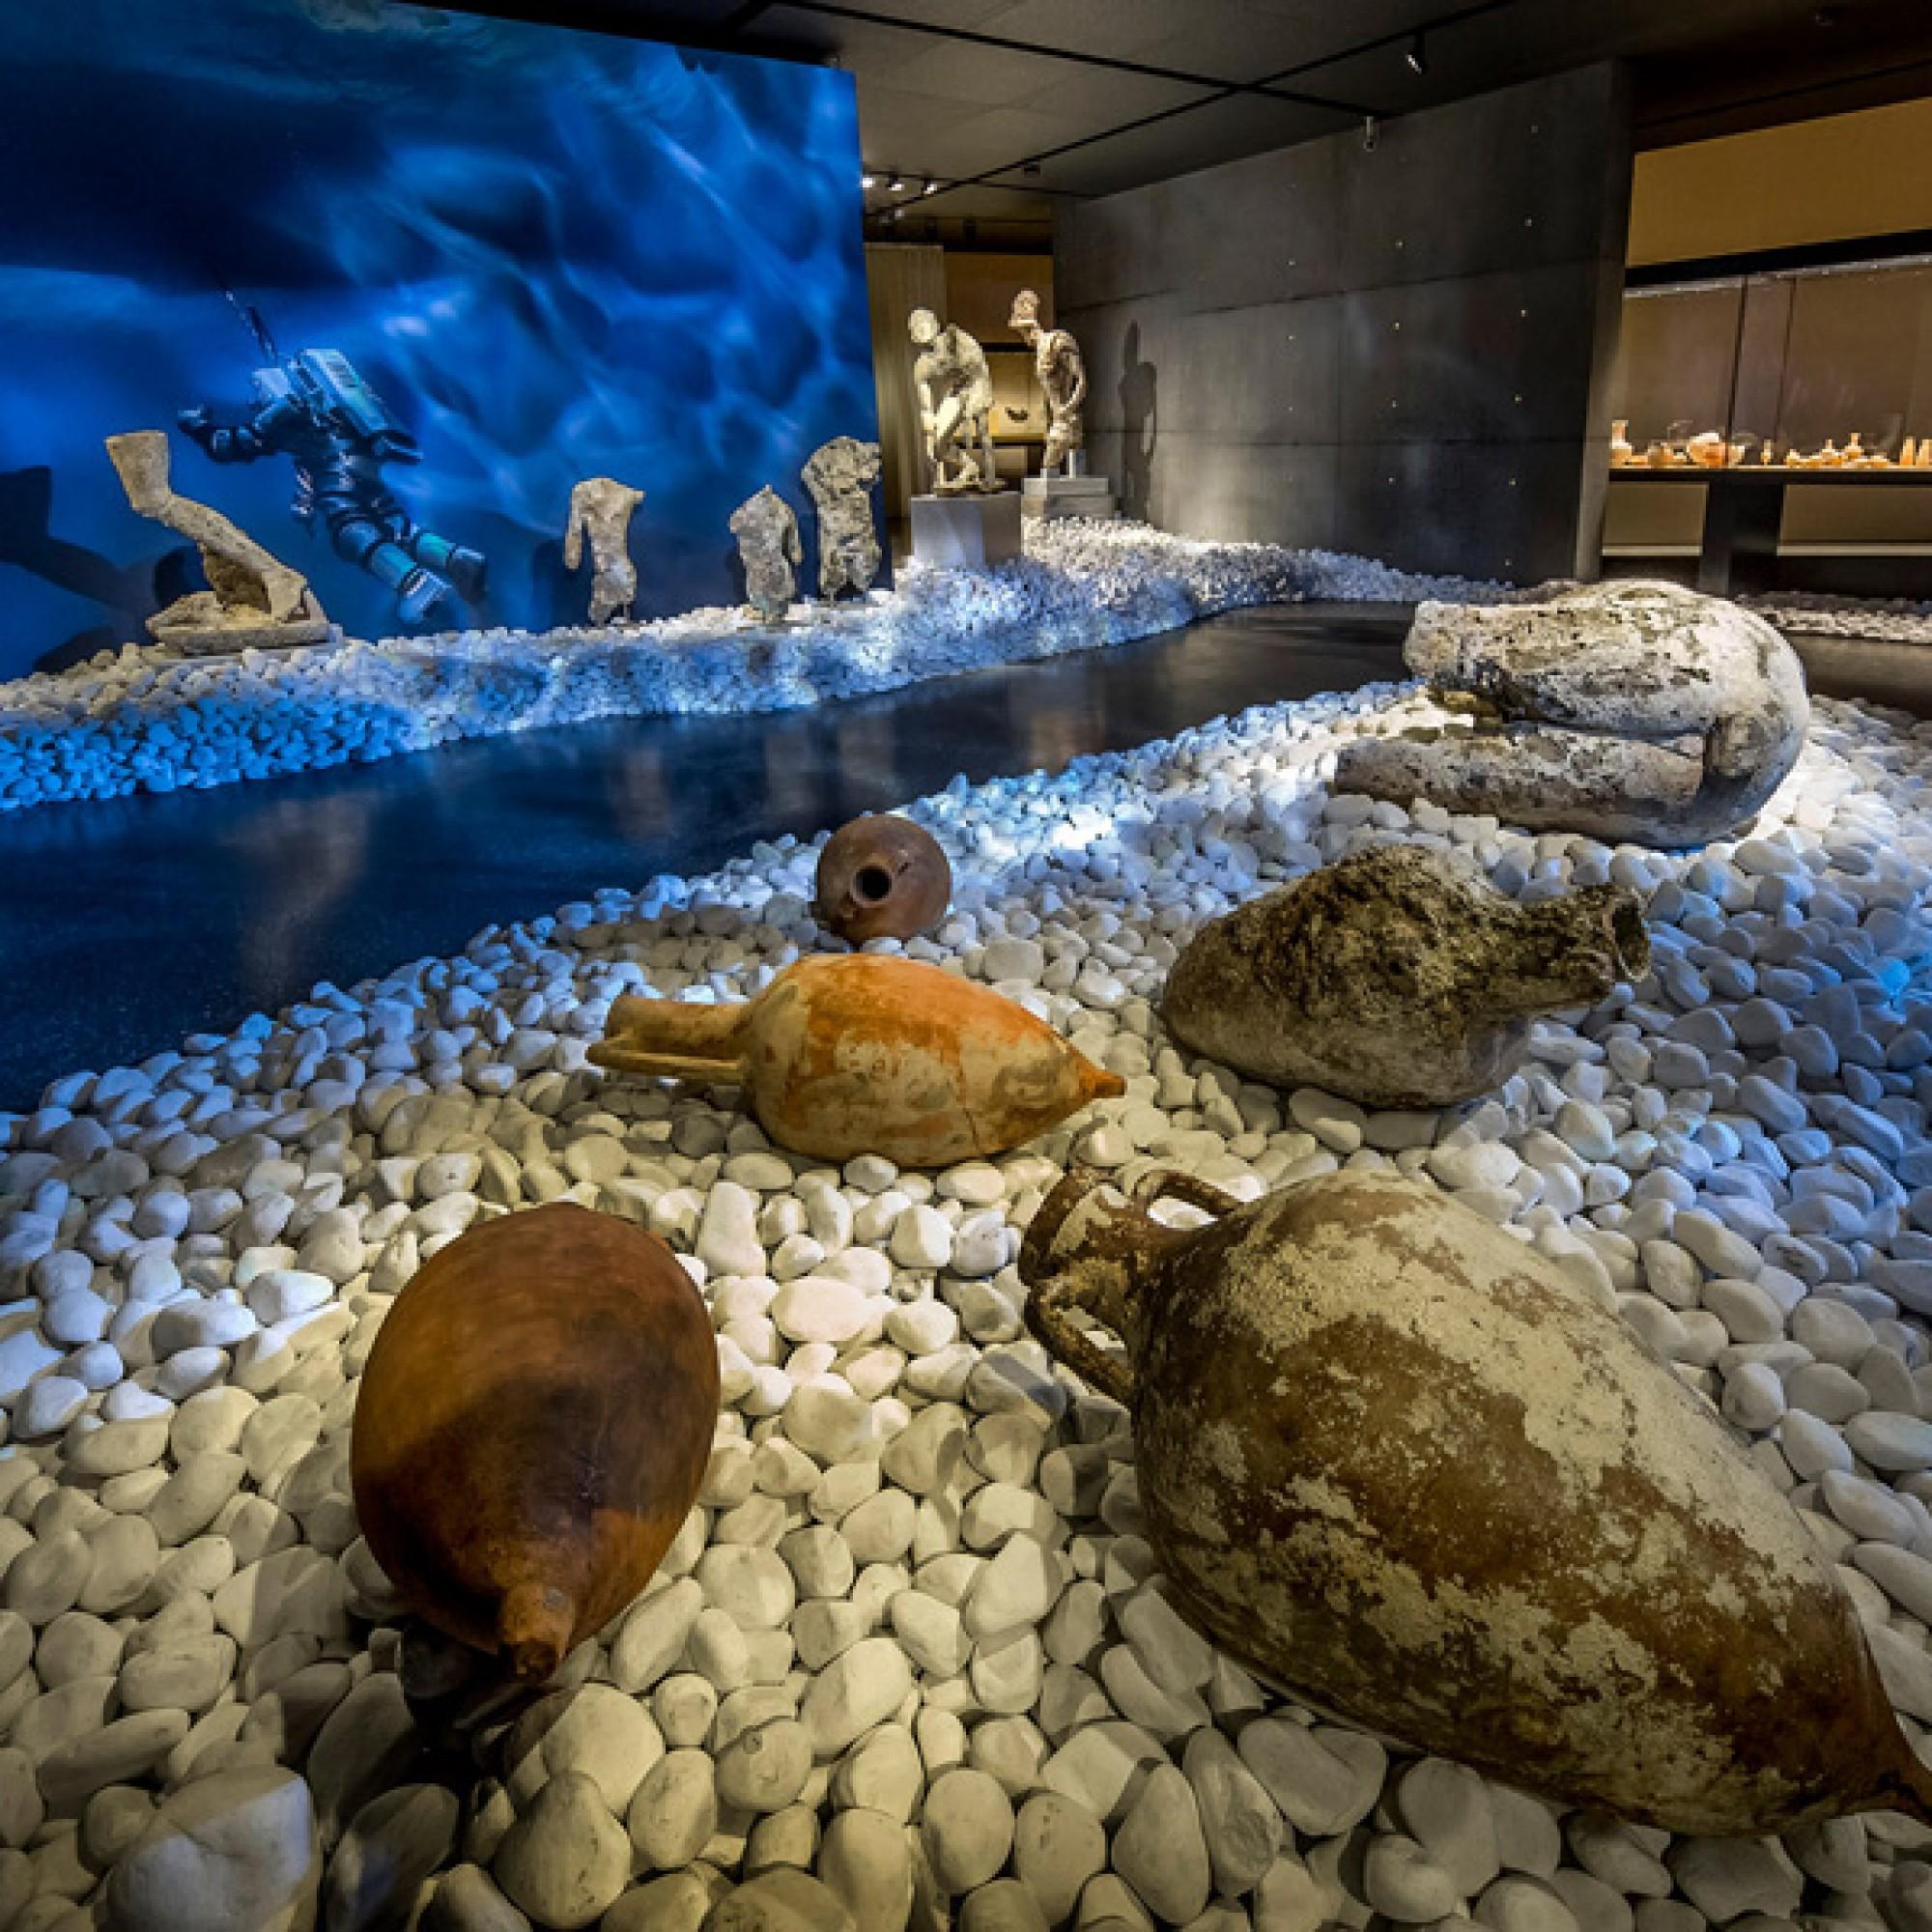 In seiner aktuellen Ausstellung lädt das Antikenmuseum Basel zu einem Tauchgang auf den Meeresgrund ein. (Antikenmuseum Basel)